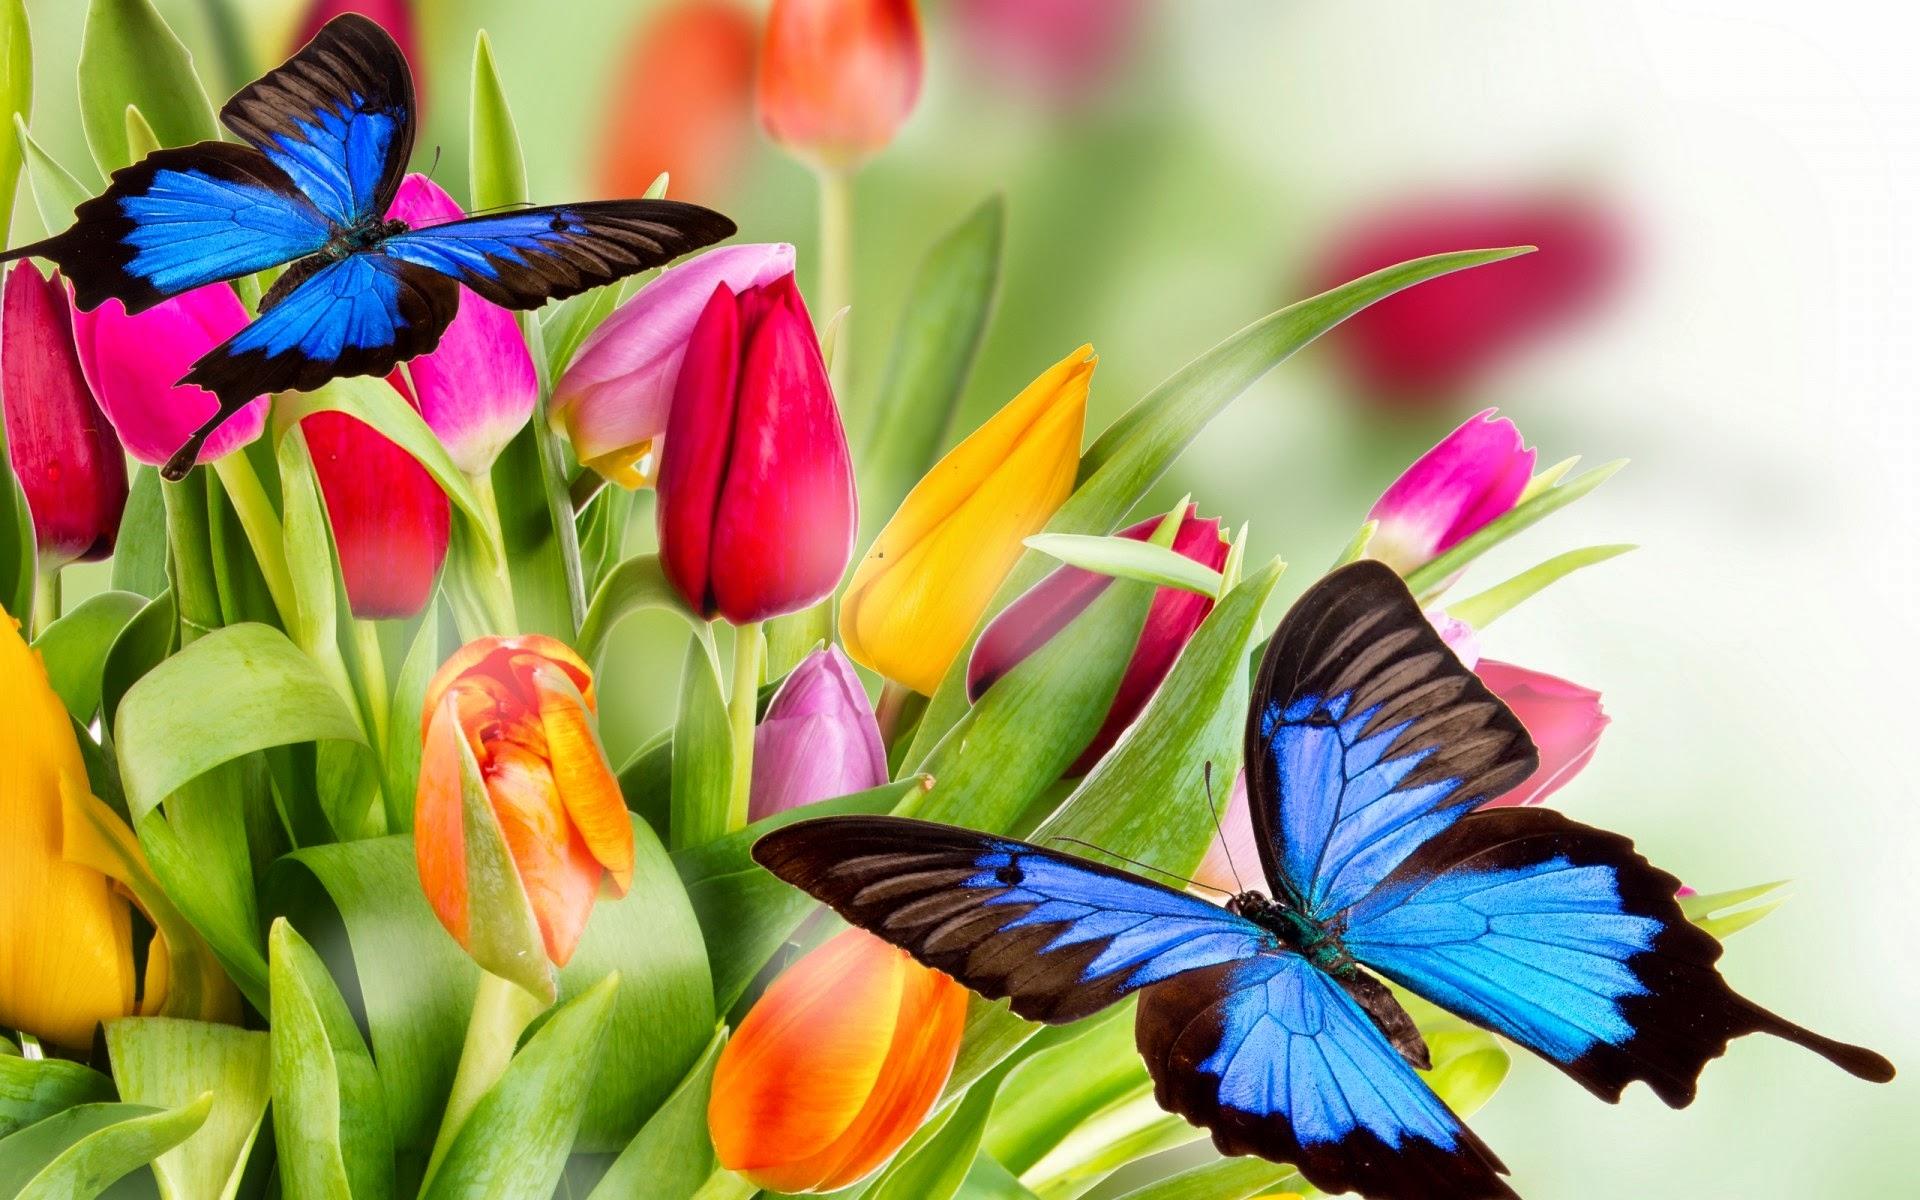 Fotografias De Mariposas Y Flores: Hermosas Mariposas Azules Y Flores De Colores